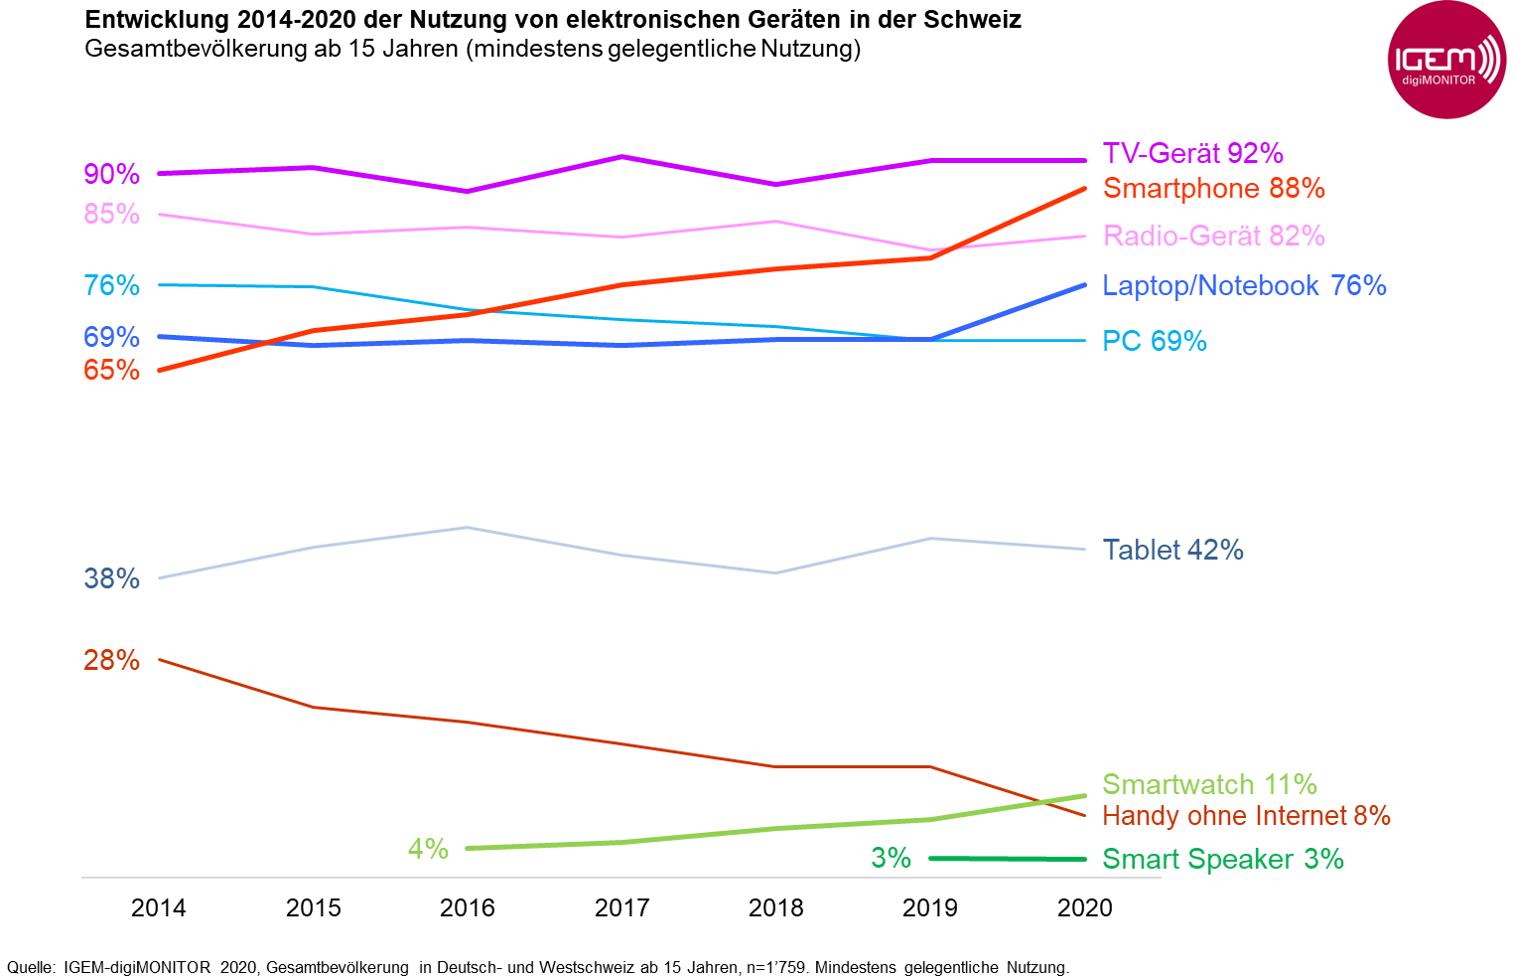 Grafik2_Entwicklung_Geräte-Nutzung_2014-2020_Gesamtbevölkerung